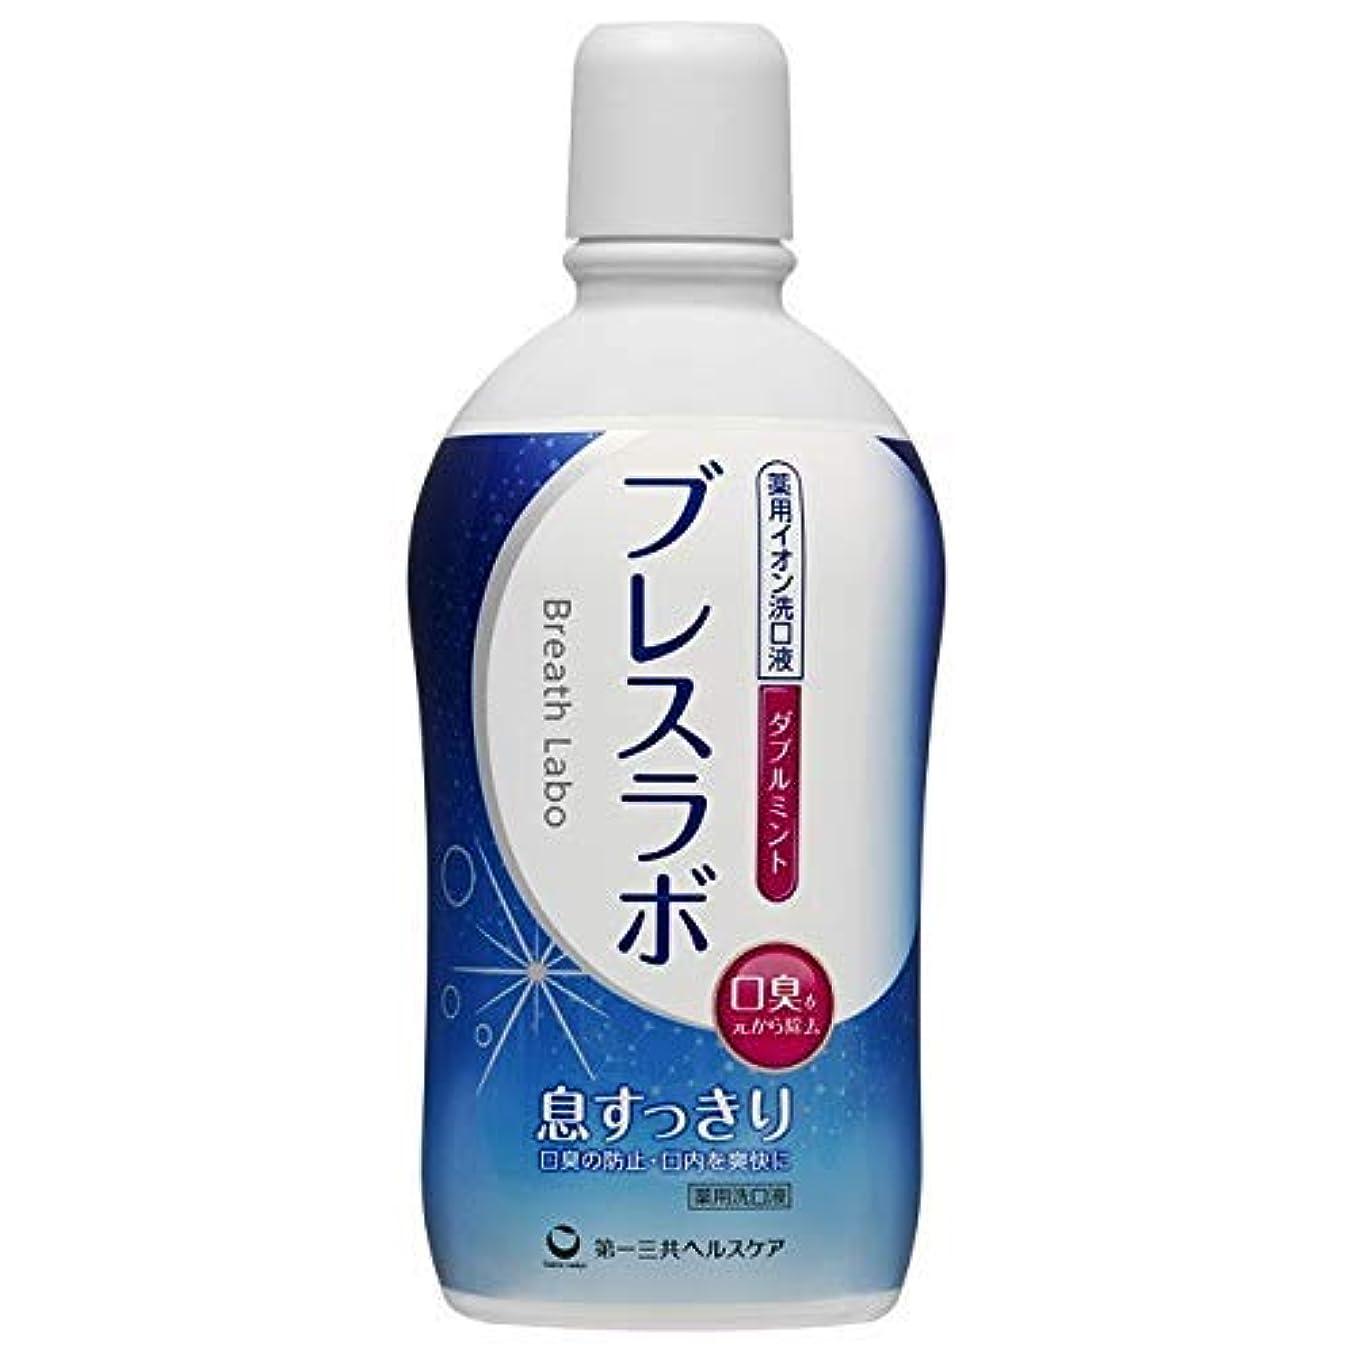 委任する不正確考えた第一三共ヘルスケア 薬用イオン洗口液 ブレスラボ マウスウォッシュ ダブルミント 単品 450mL